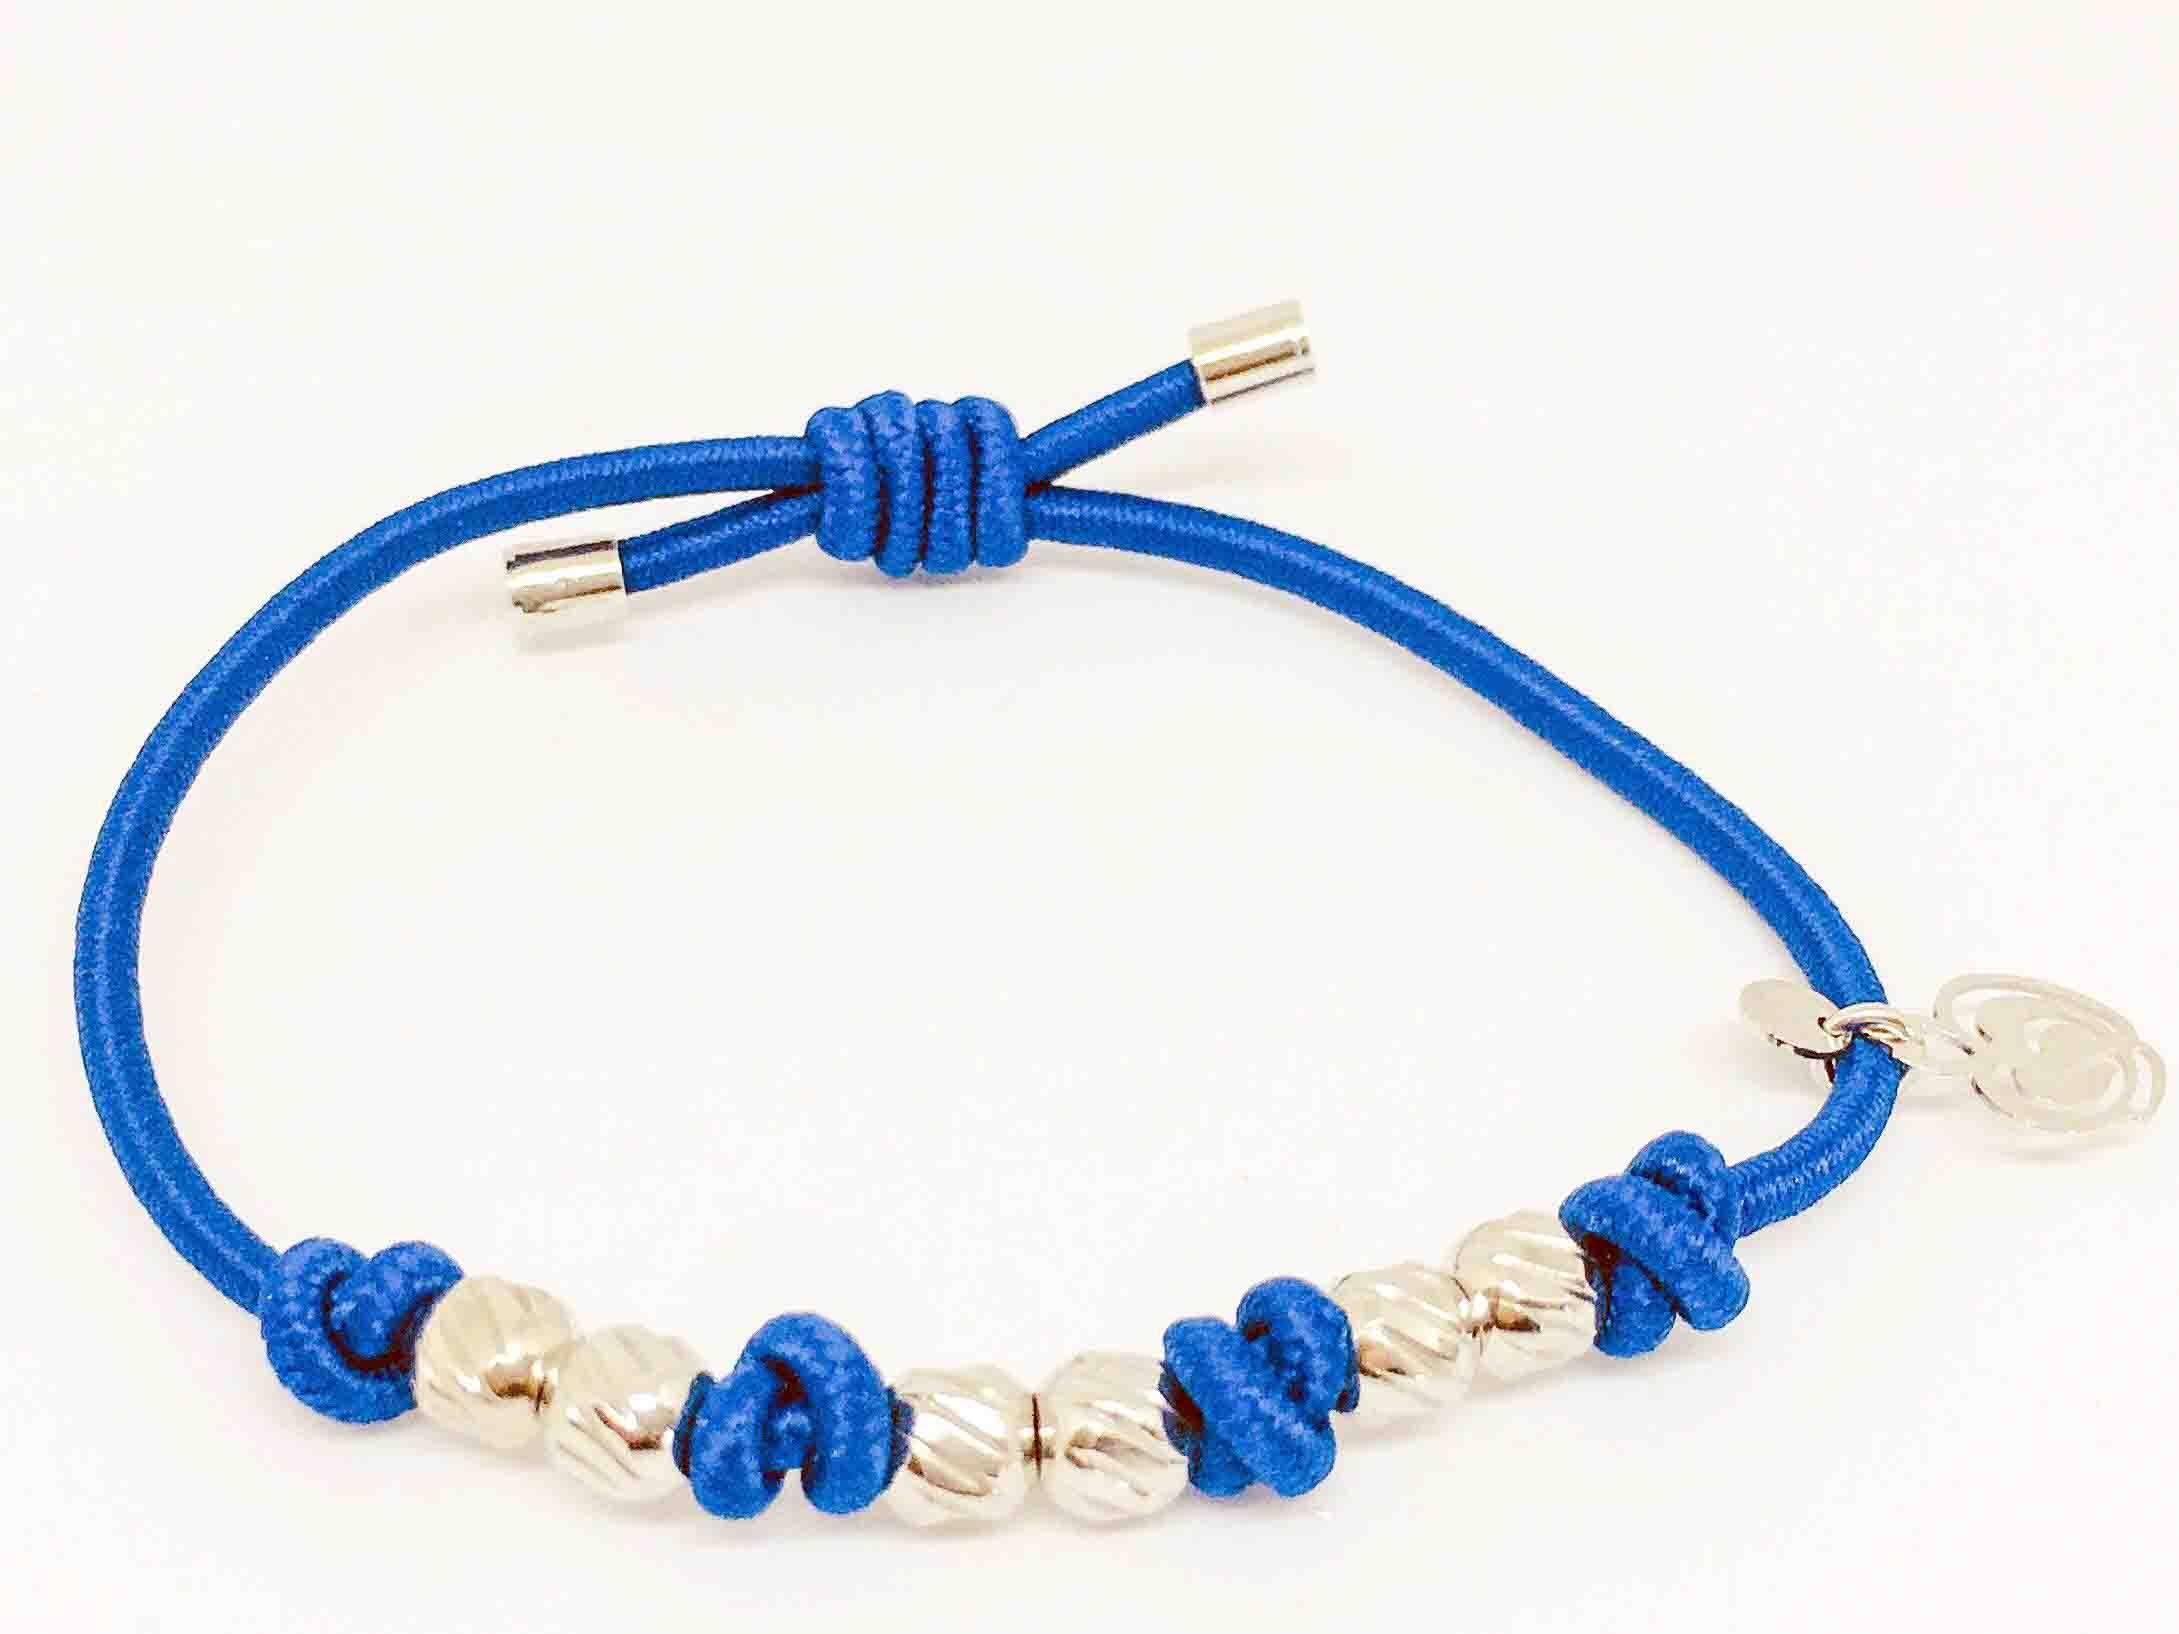 Bracciale-azzurro-elastico-per-capelli